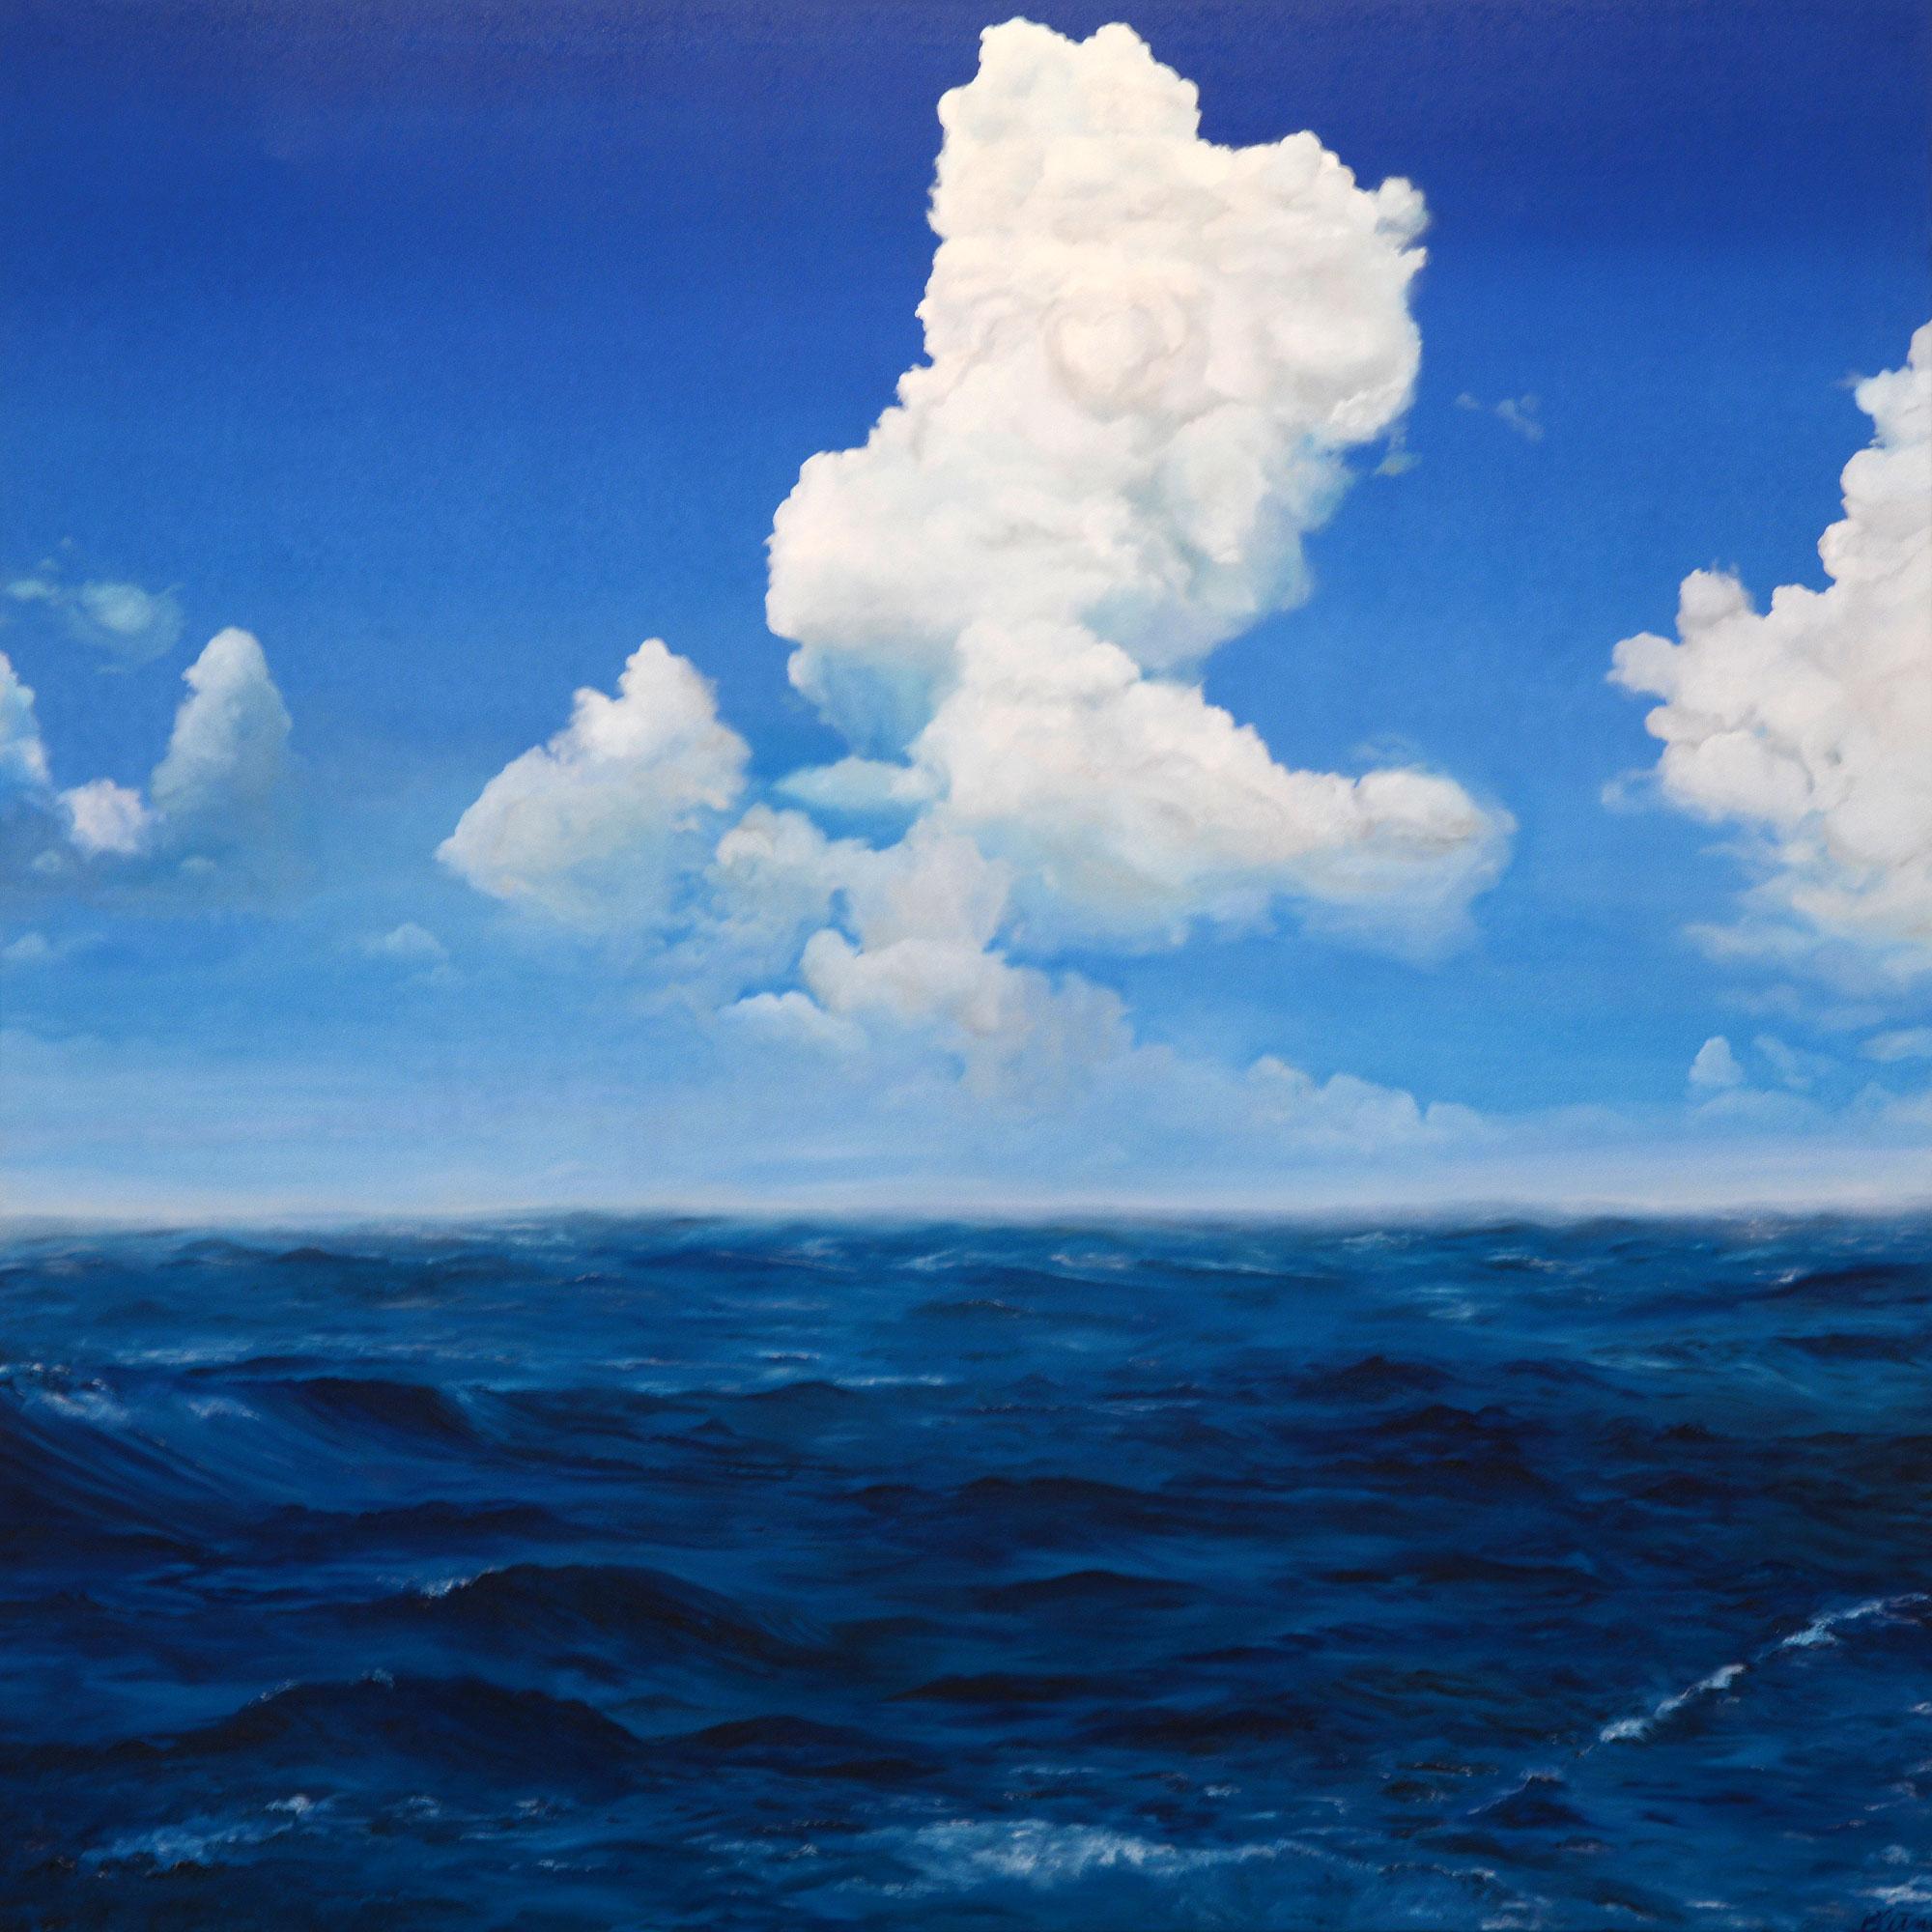 Uferlos, Öl auf Leinwand, 150x150 cm